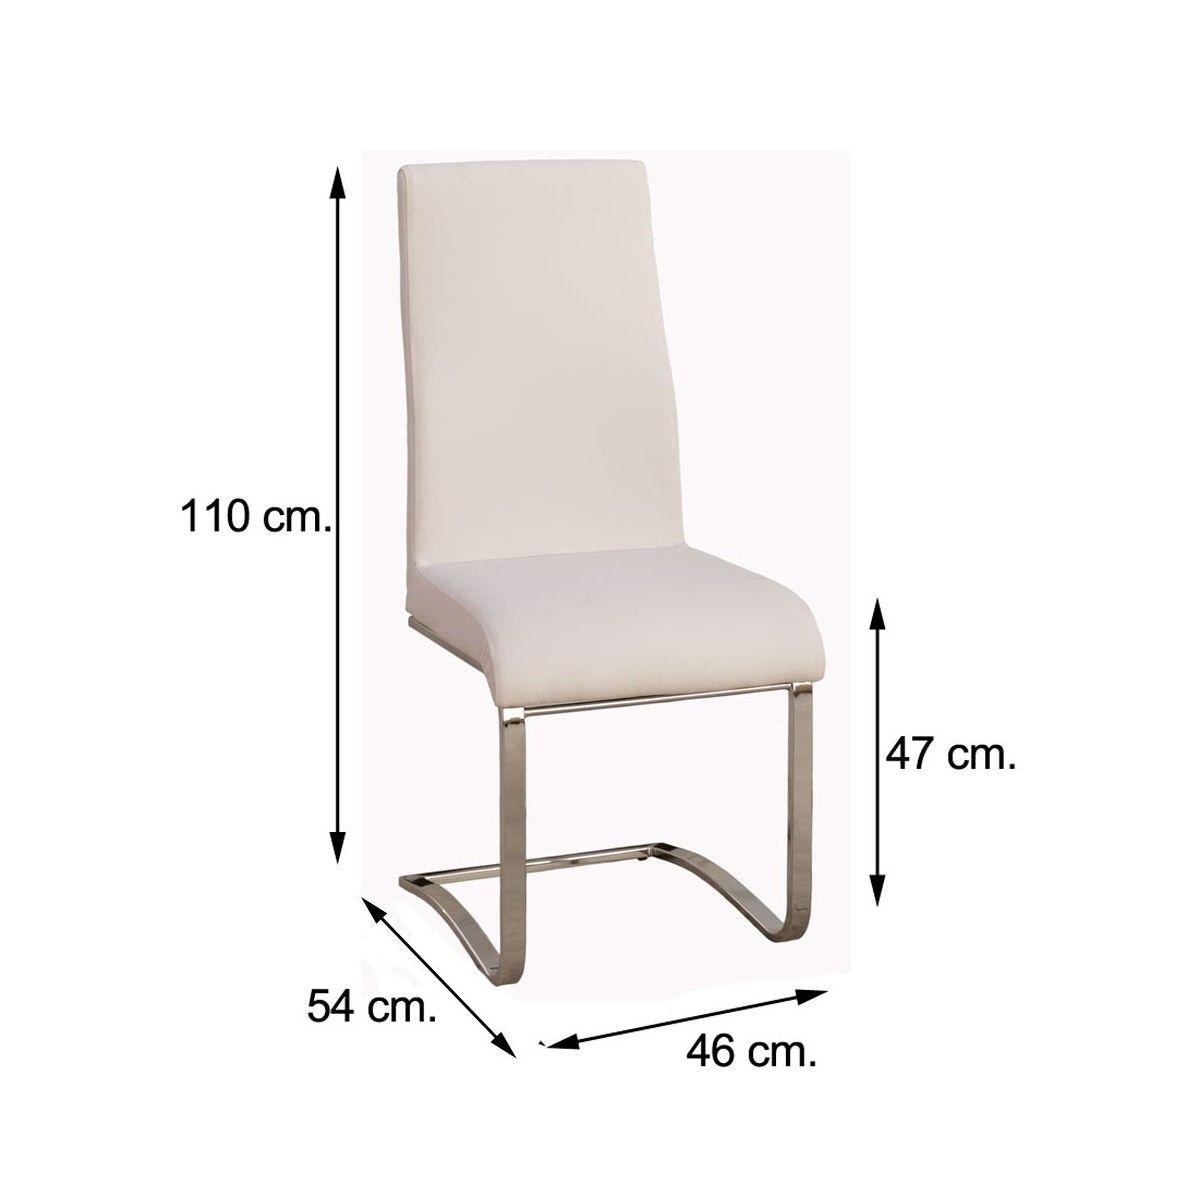 sillas de comedor polipiel blanca